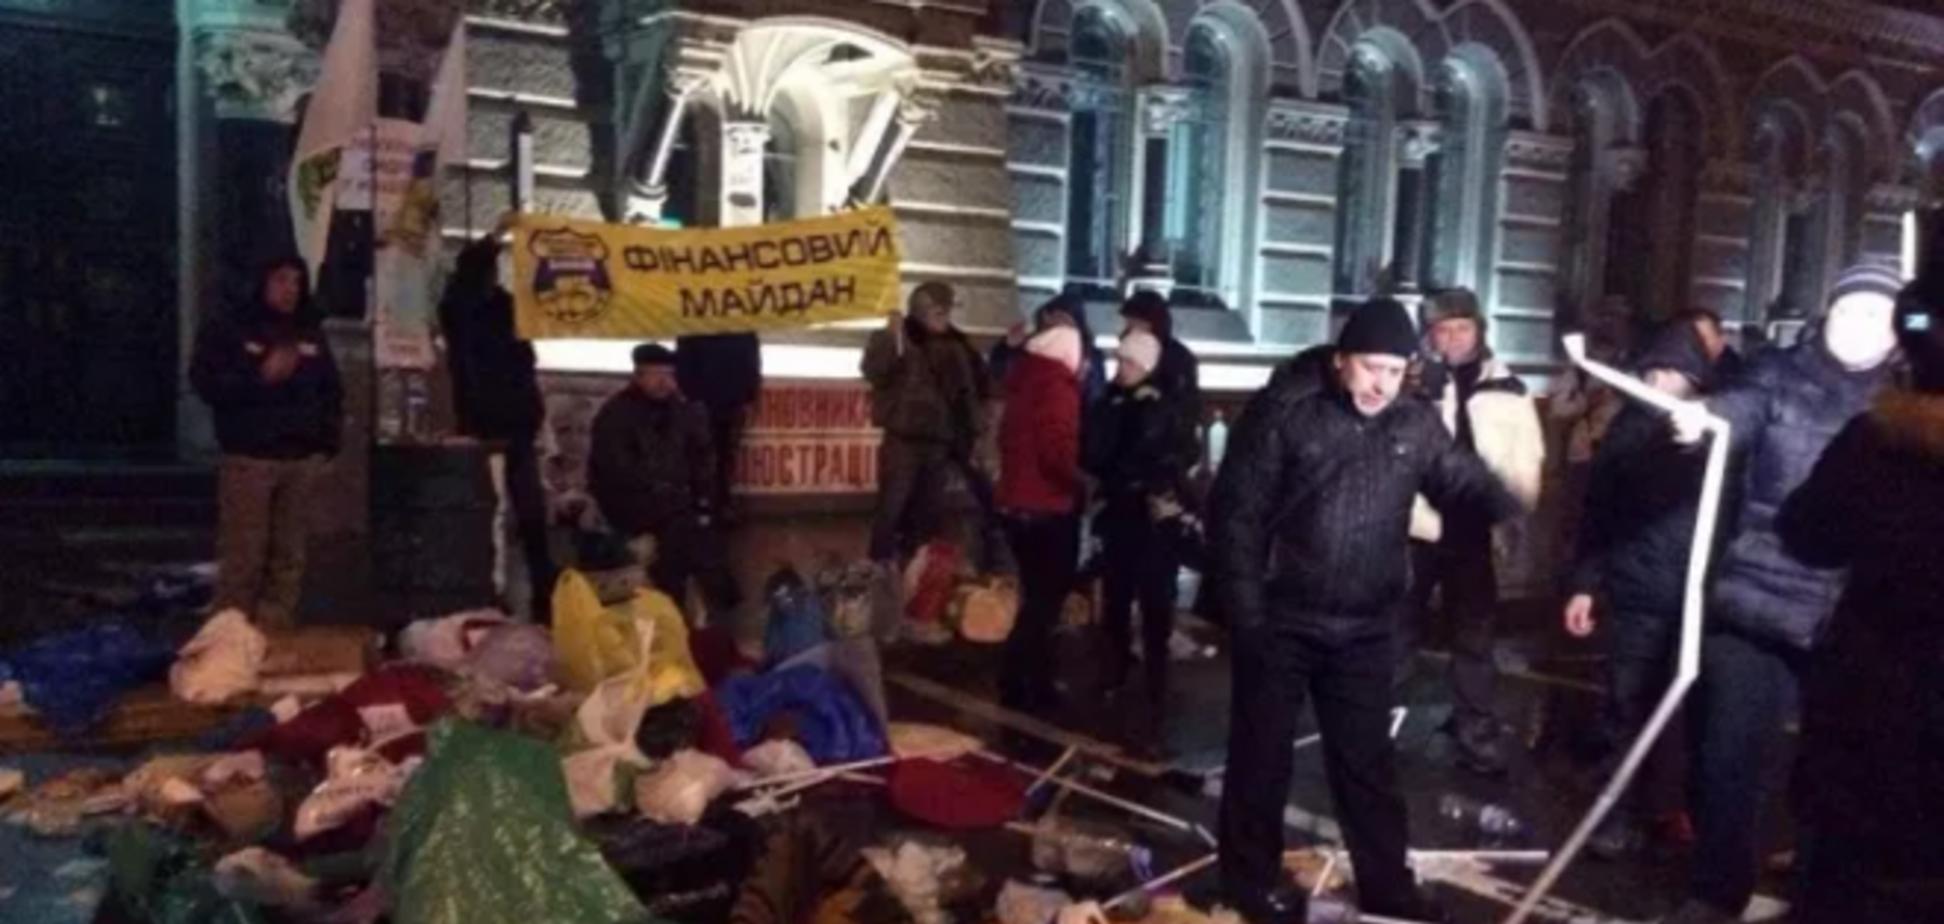 Аваков попросил прощения за разгон 'кредитного Майдана' и начал увольнения